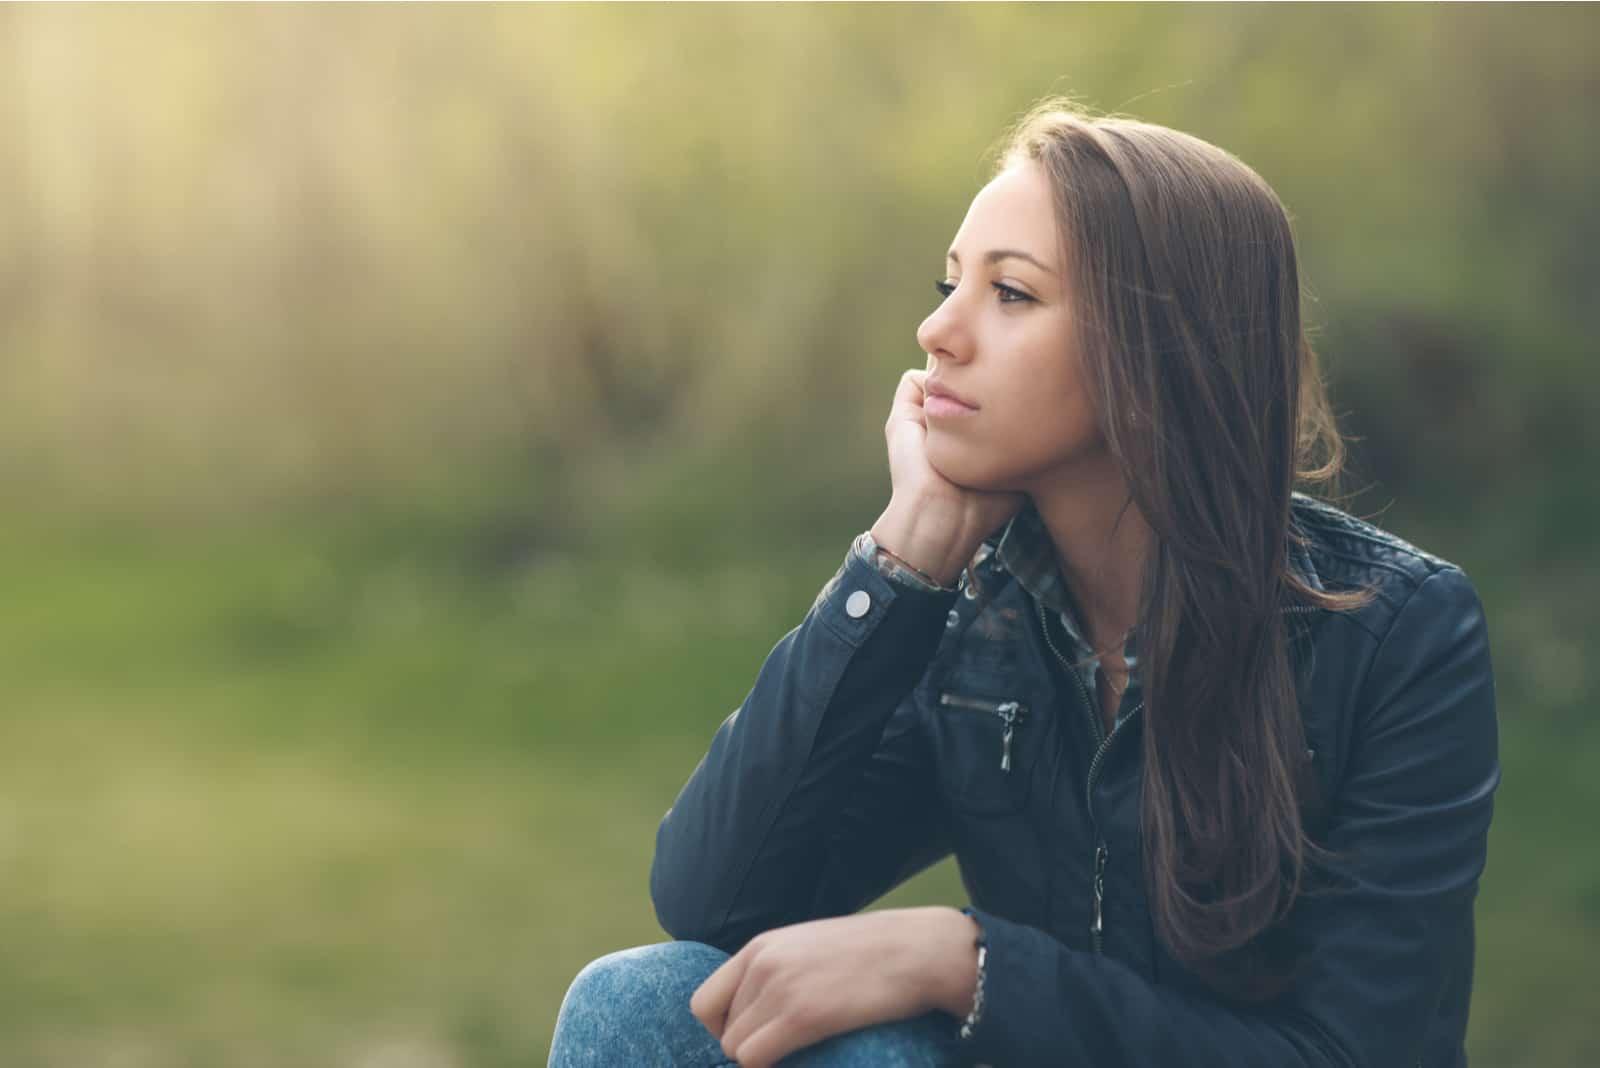 Junge nachdenkliche Frau, die am Park entspannt